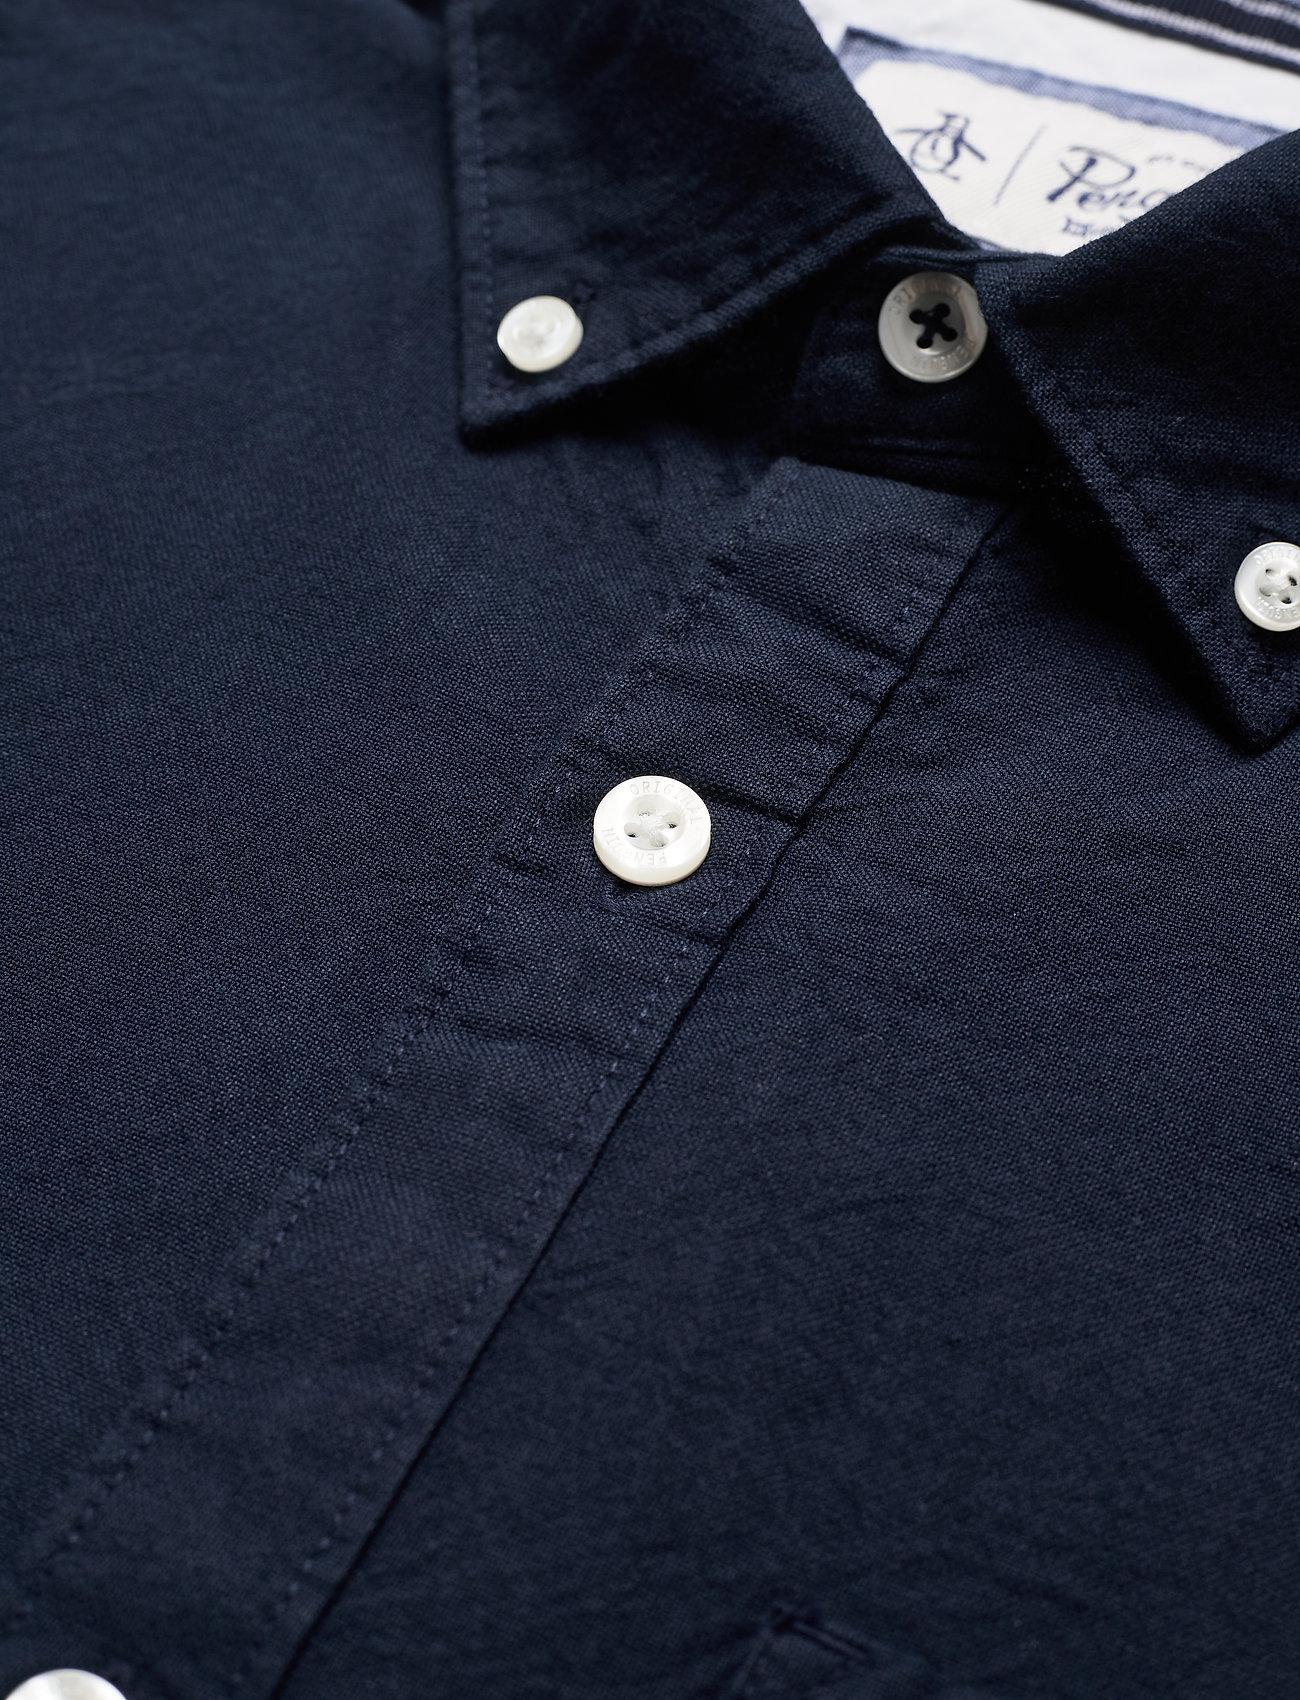 Long Sleeved Cotton Oxford Shirt (Dark Sapphire) (45 €) - Original Penguin kjJvG